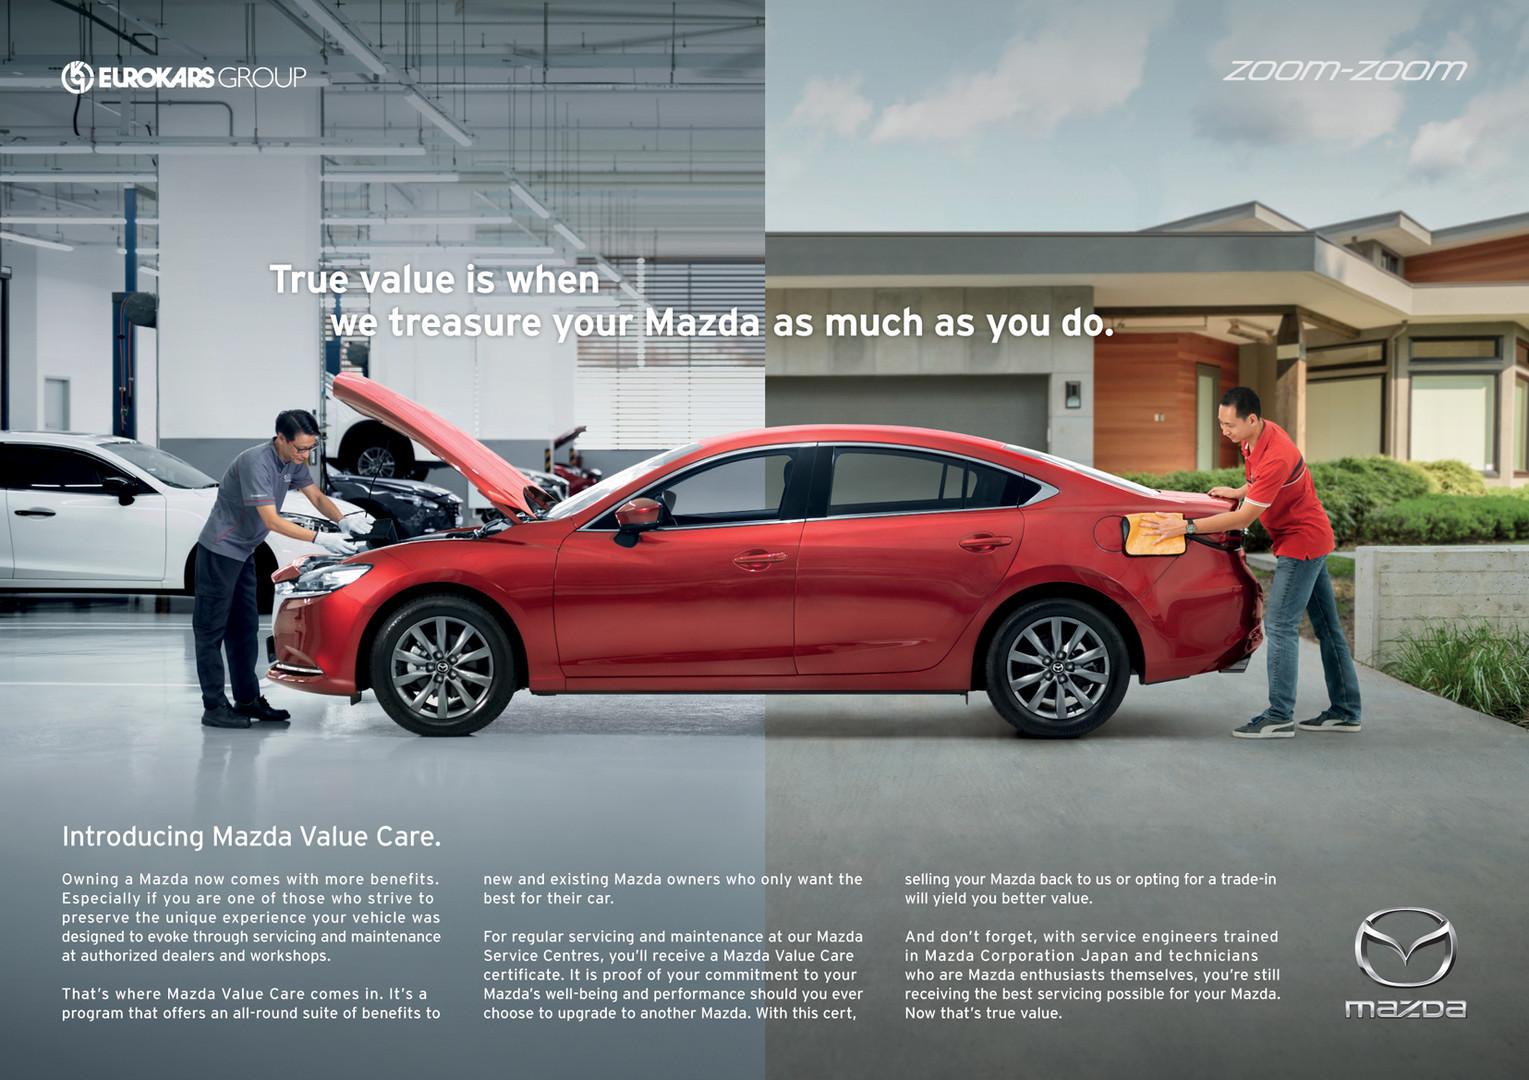 Mazda Value Care